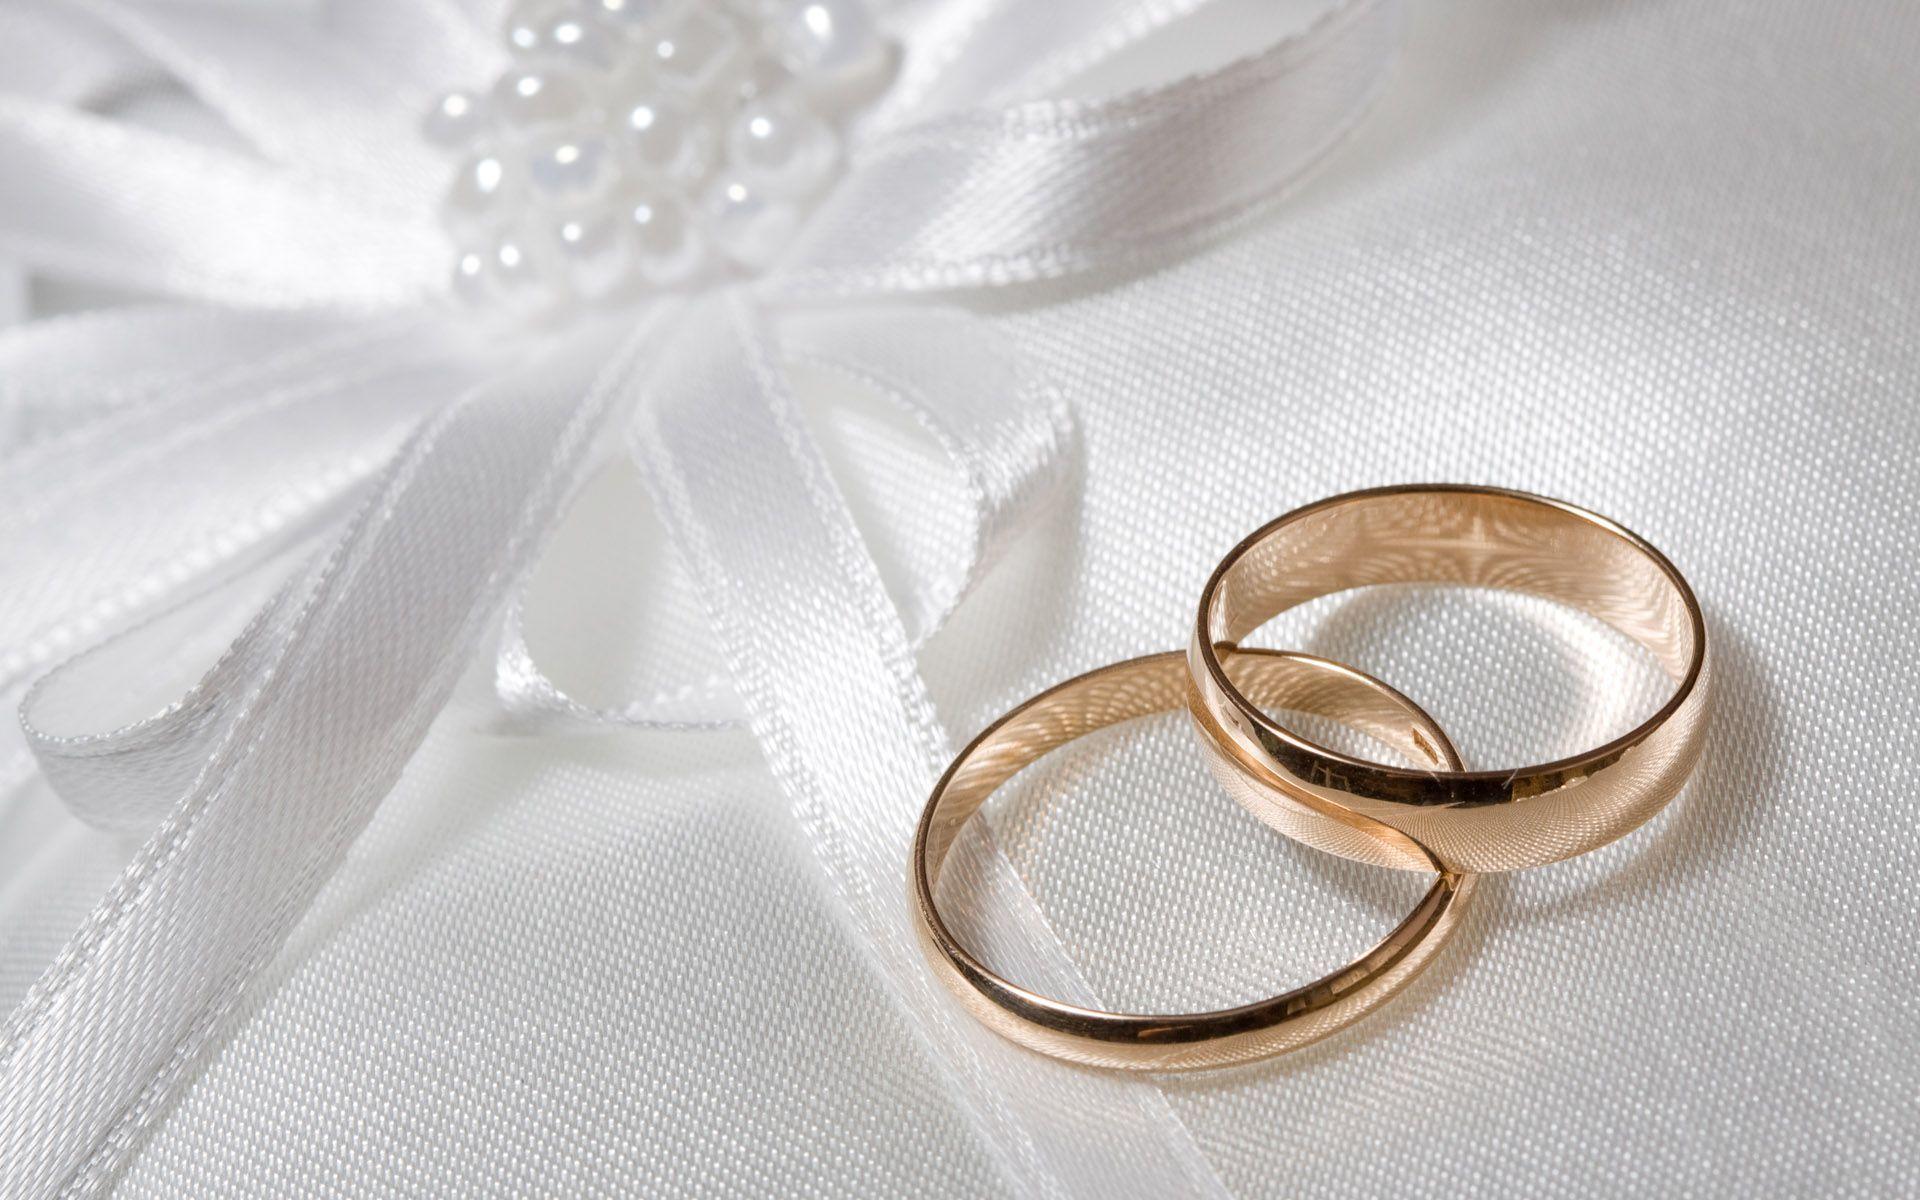 Γάμος - Κοσμηματοπωλείο ΚΟΥΤΗΣ Ιωάννινα